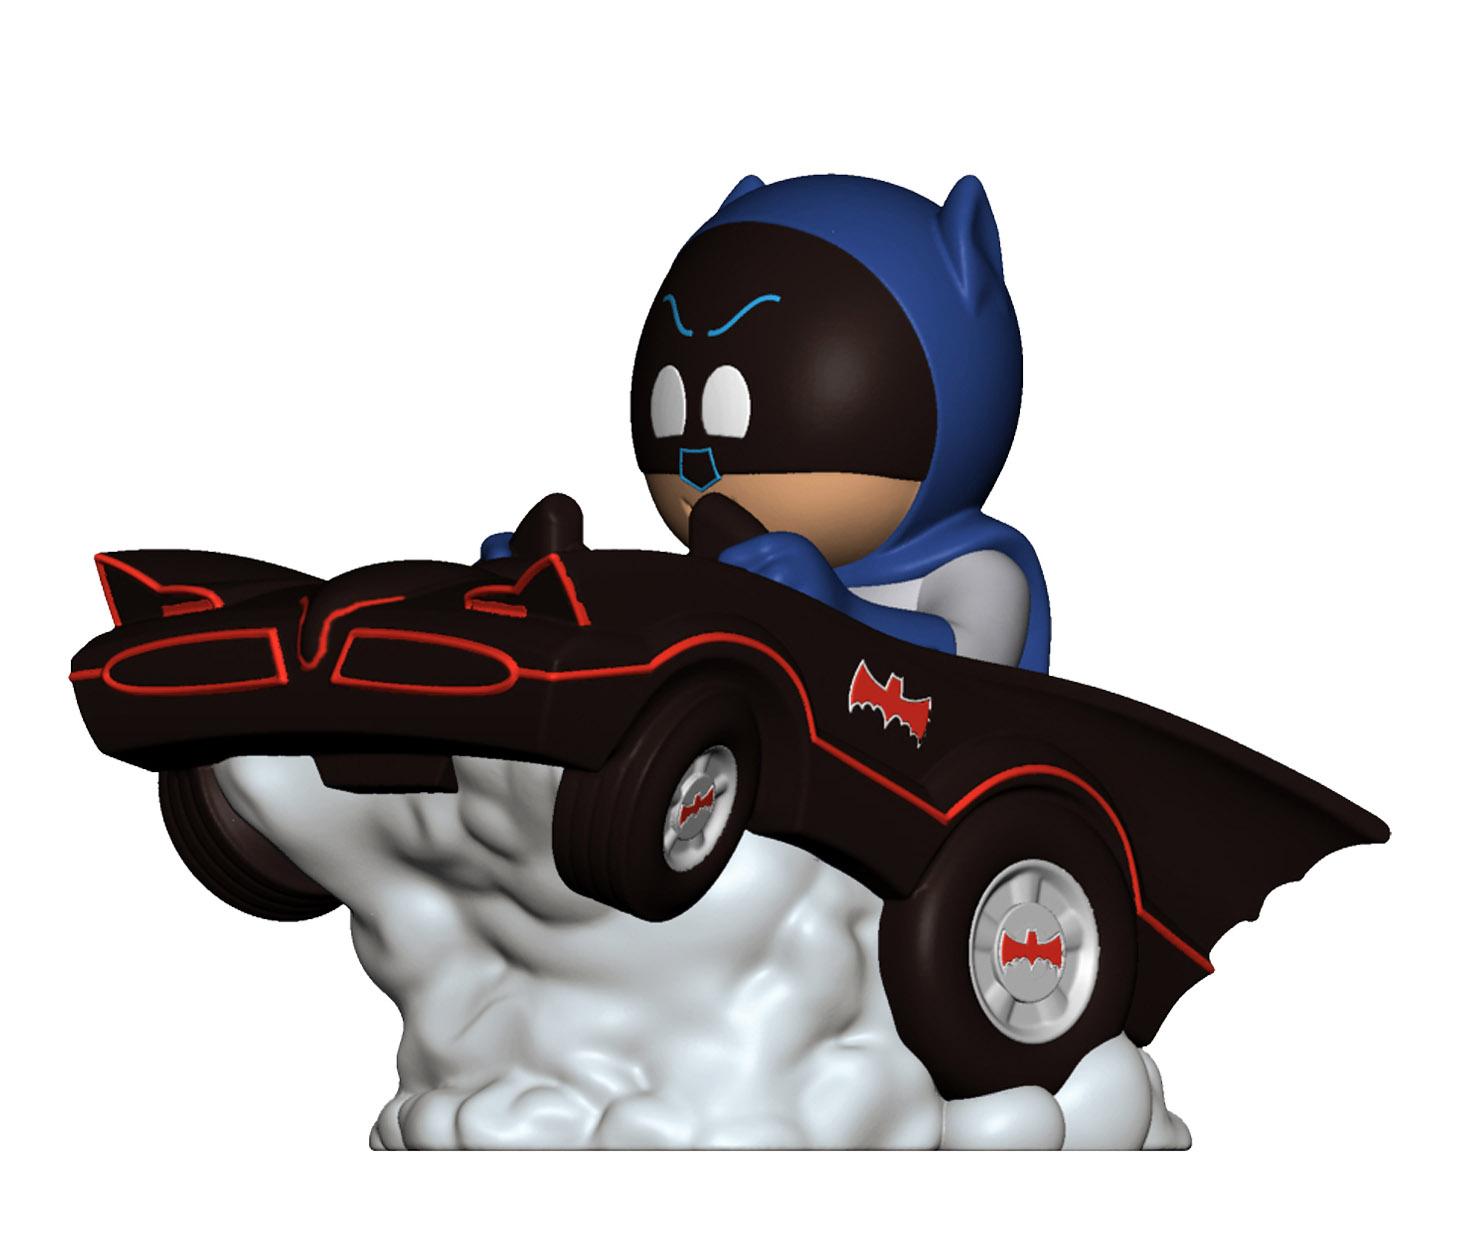 CC-Batman-Squeely-KDD1166